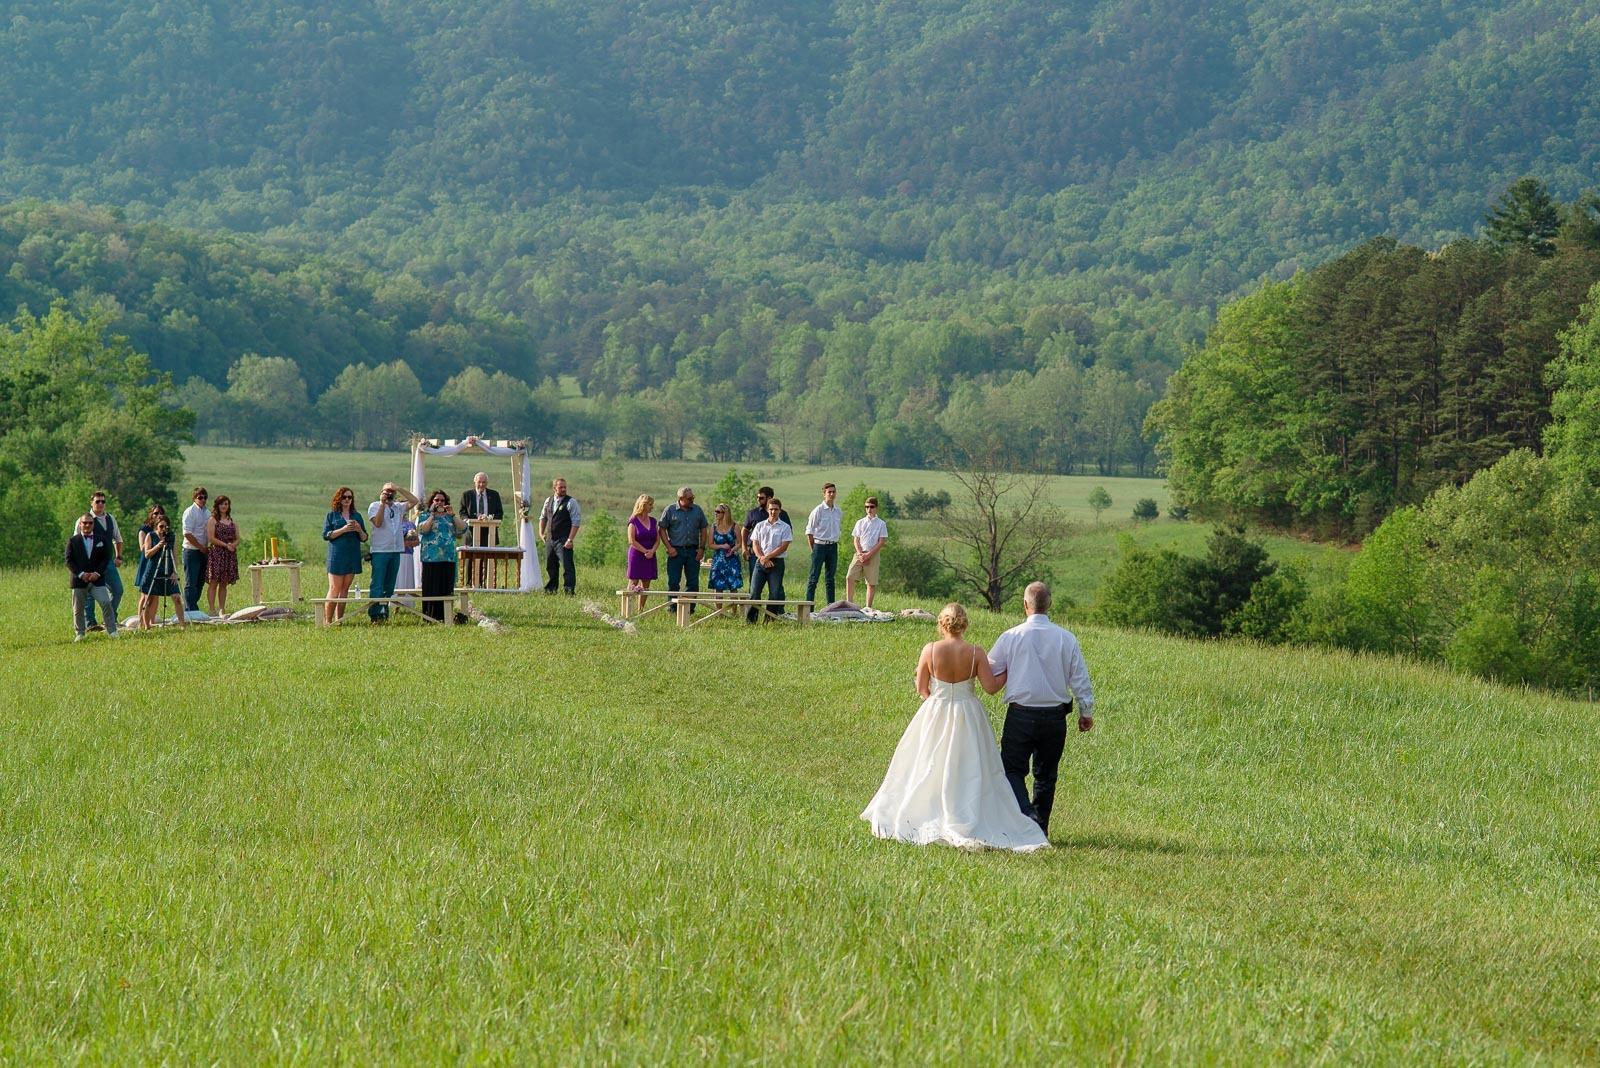 cades cove wedding-8826